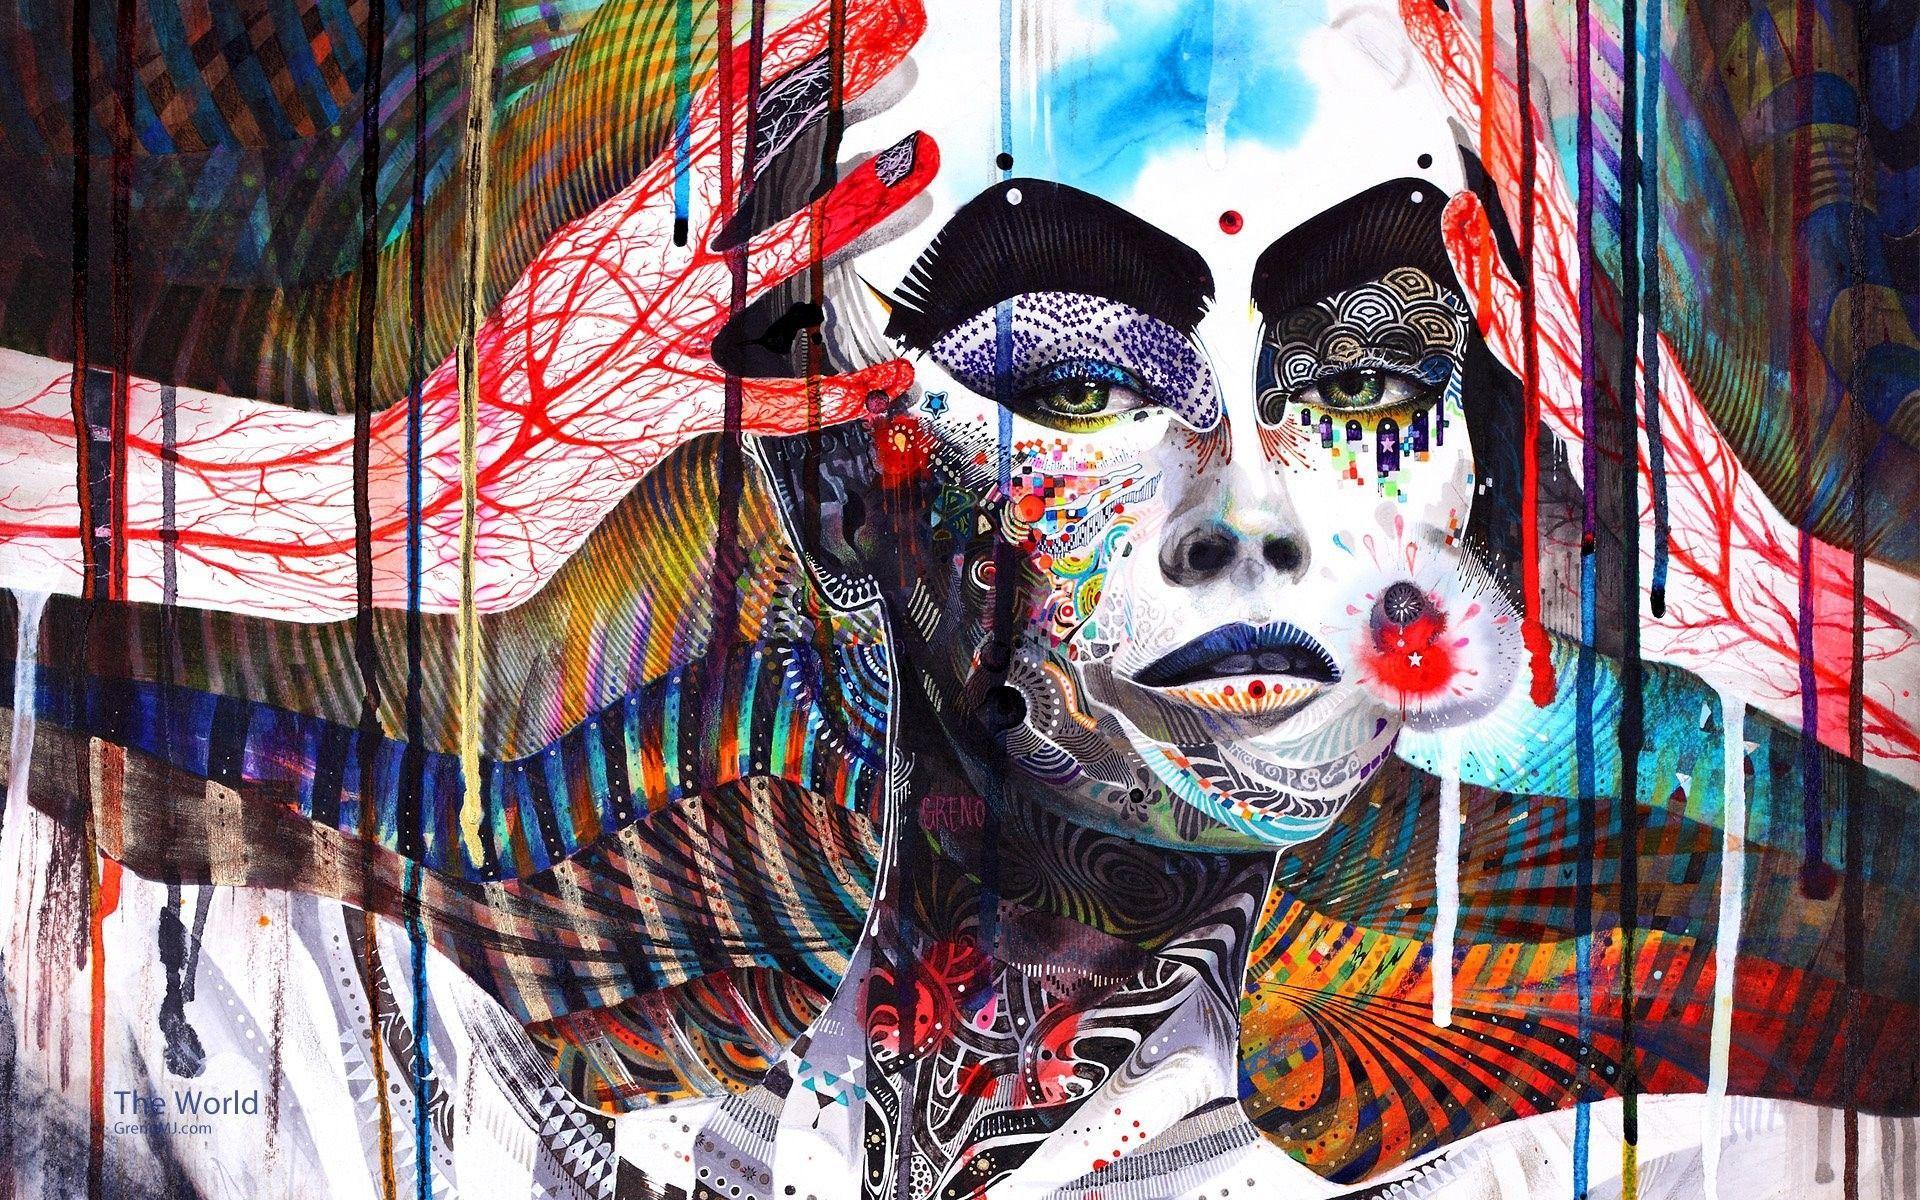 1920x1200 Màu nghệ thuật ảo giác phụ nữ máu mặt hình nền thành thị.  1920x1200